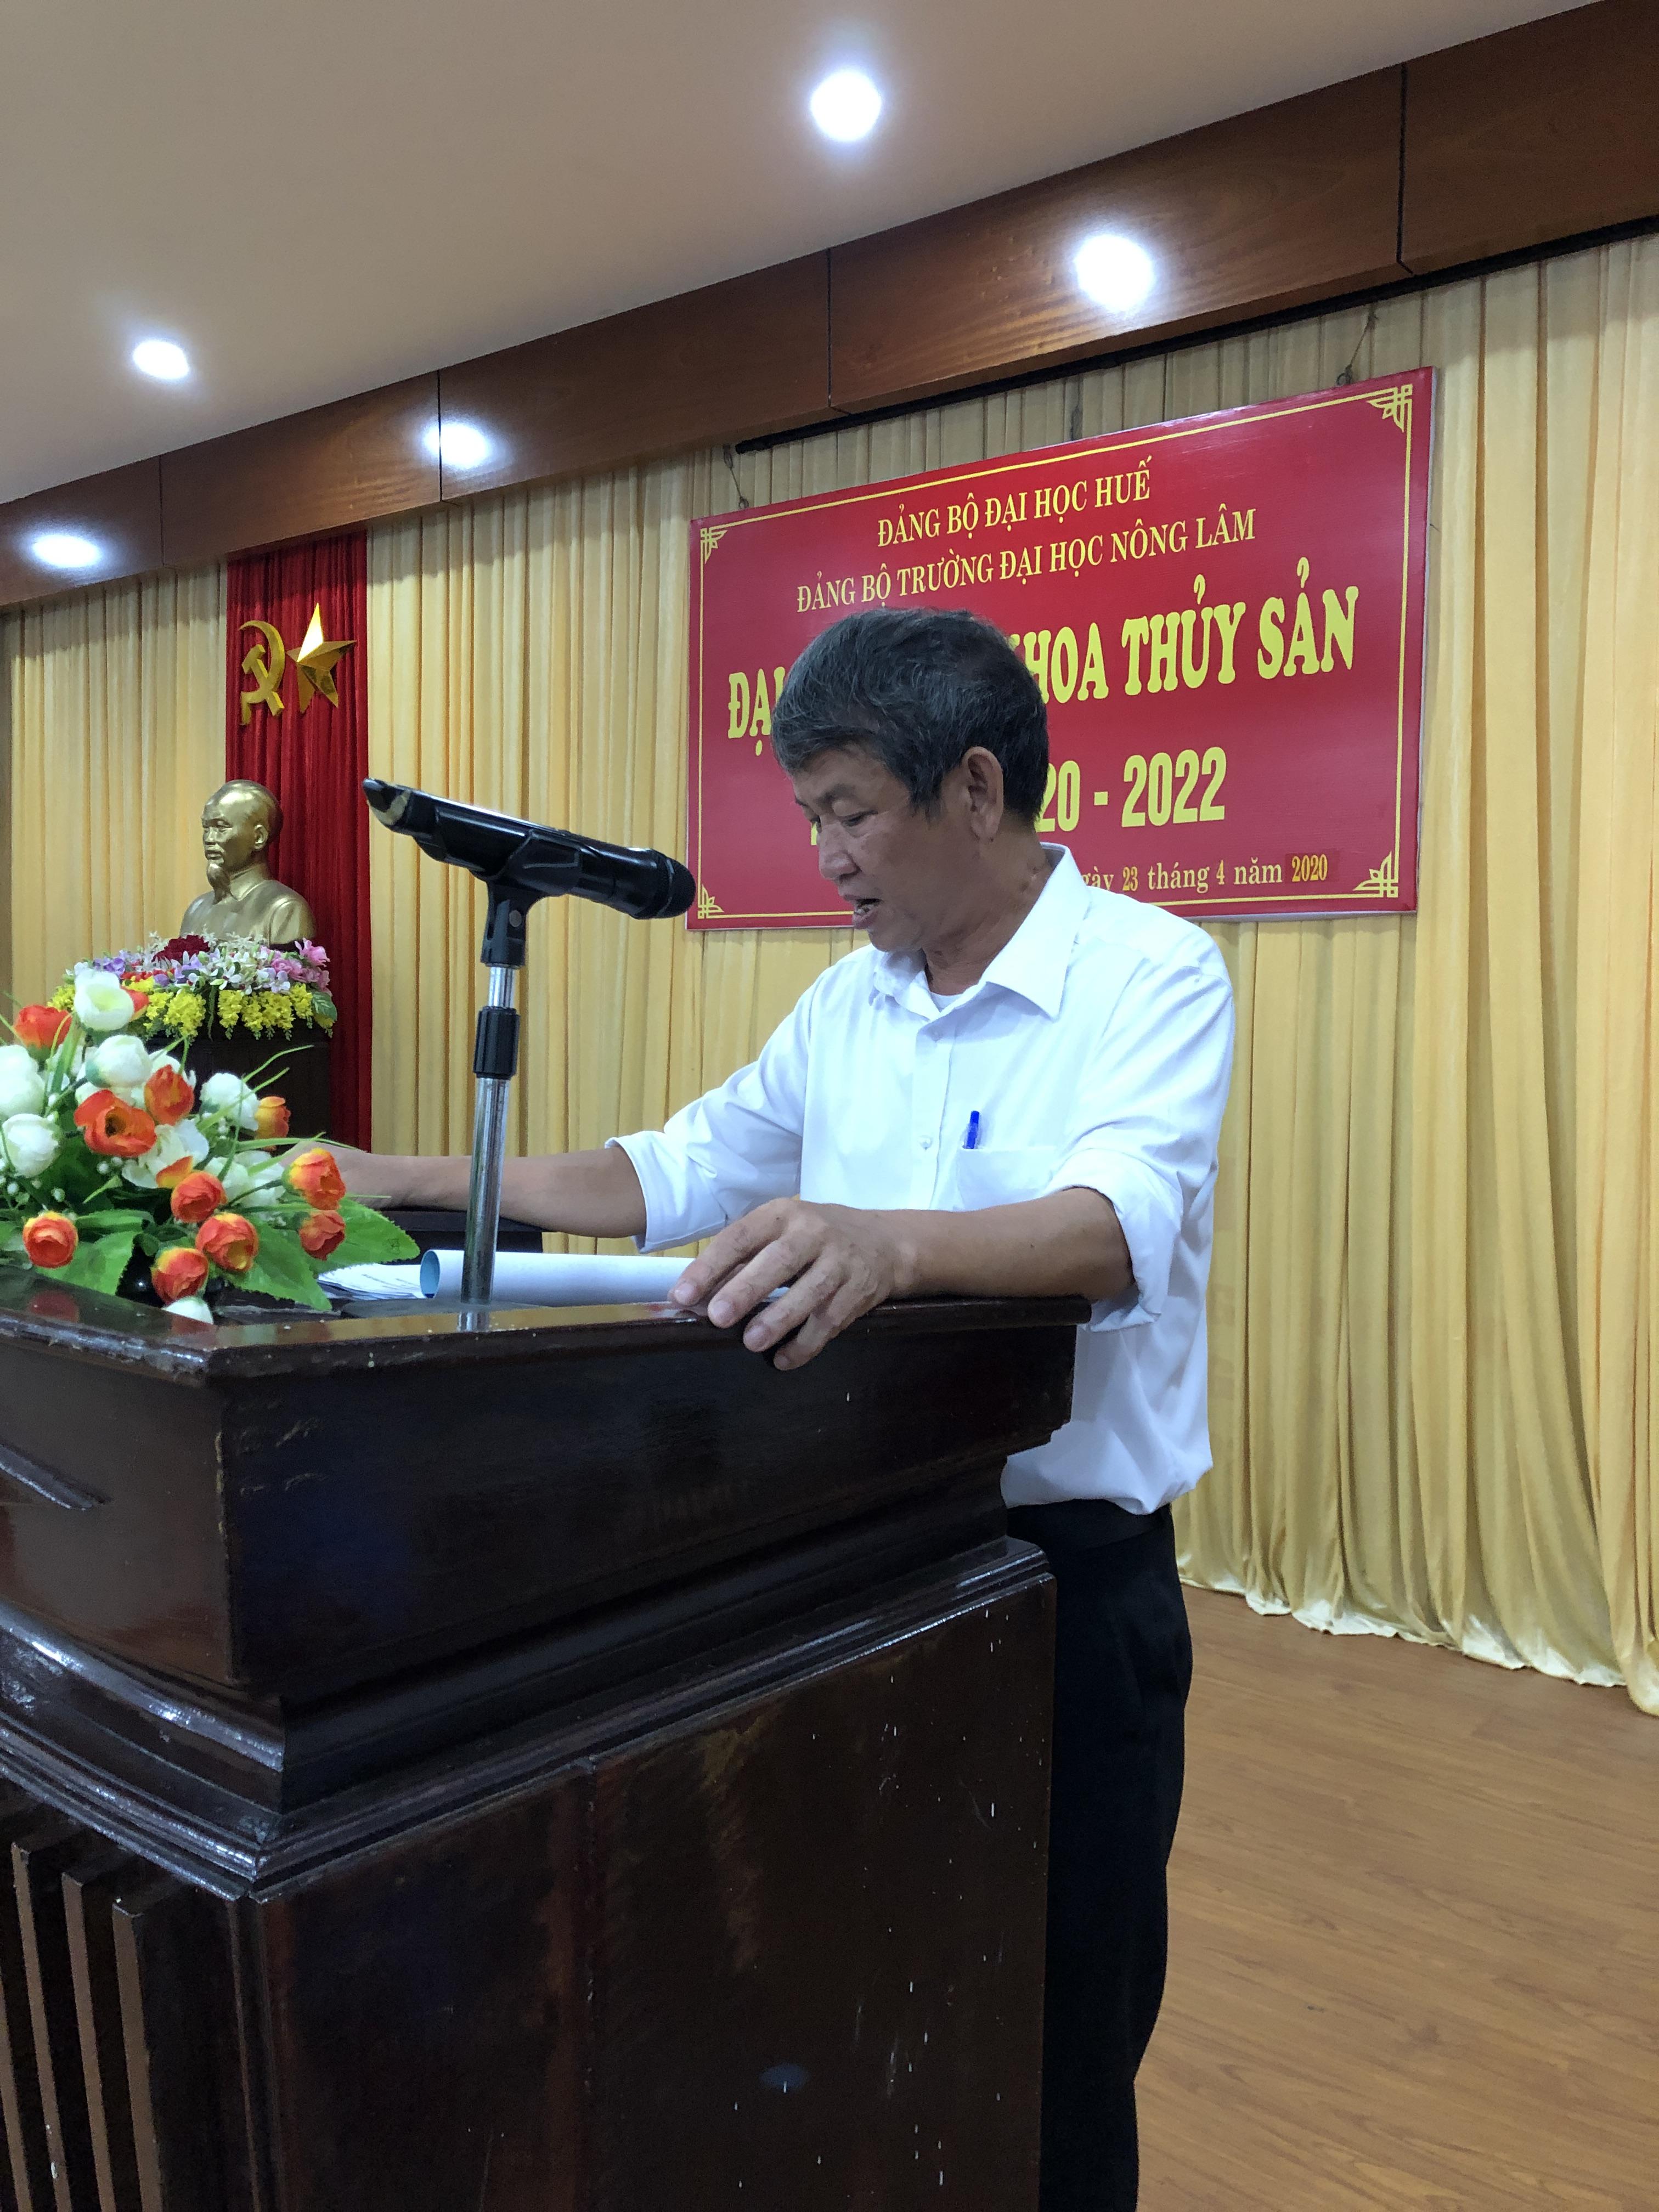 Đồng chí Lê Văn Dân trình bày báo cáo tổng kết nhiệm kỳ 2017-2020